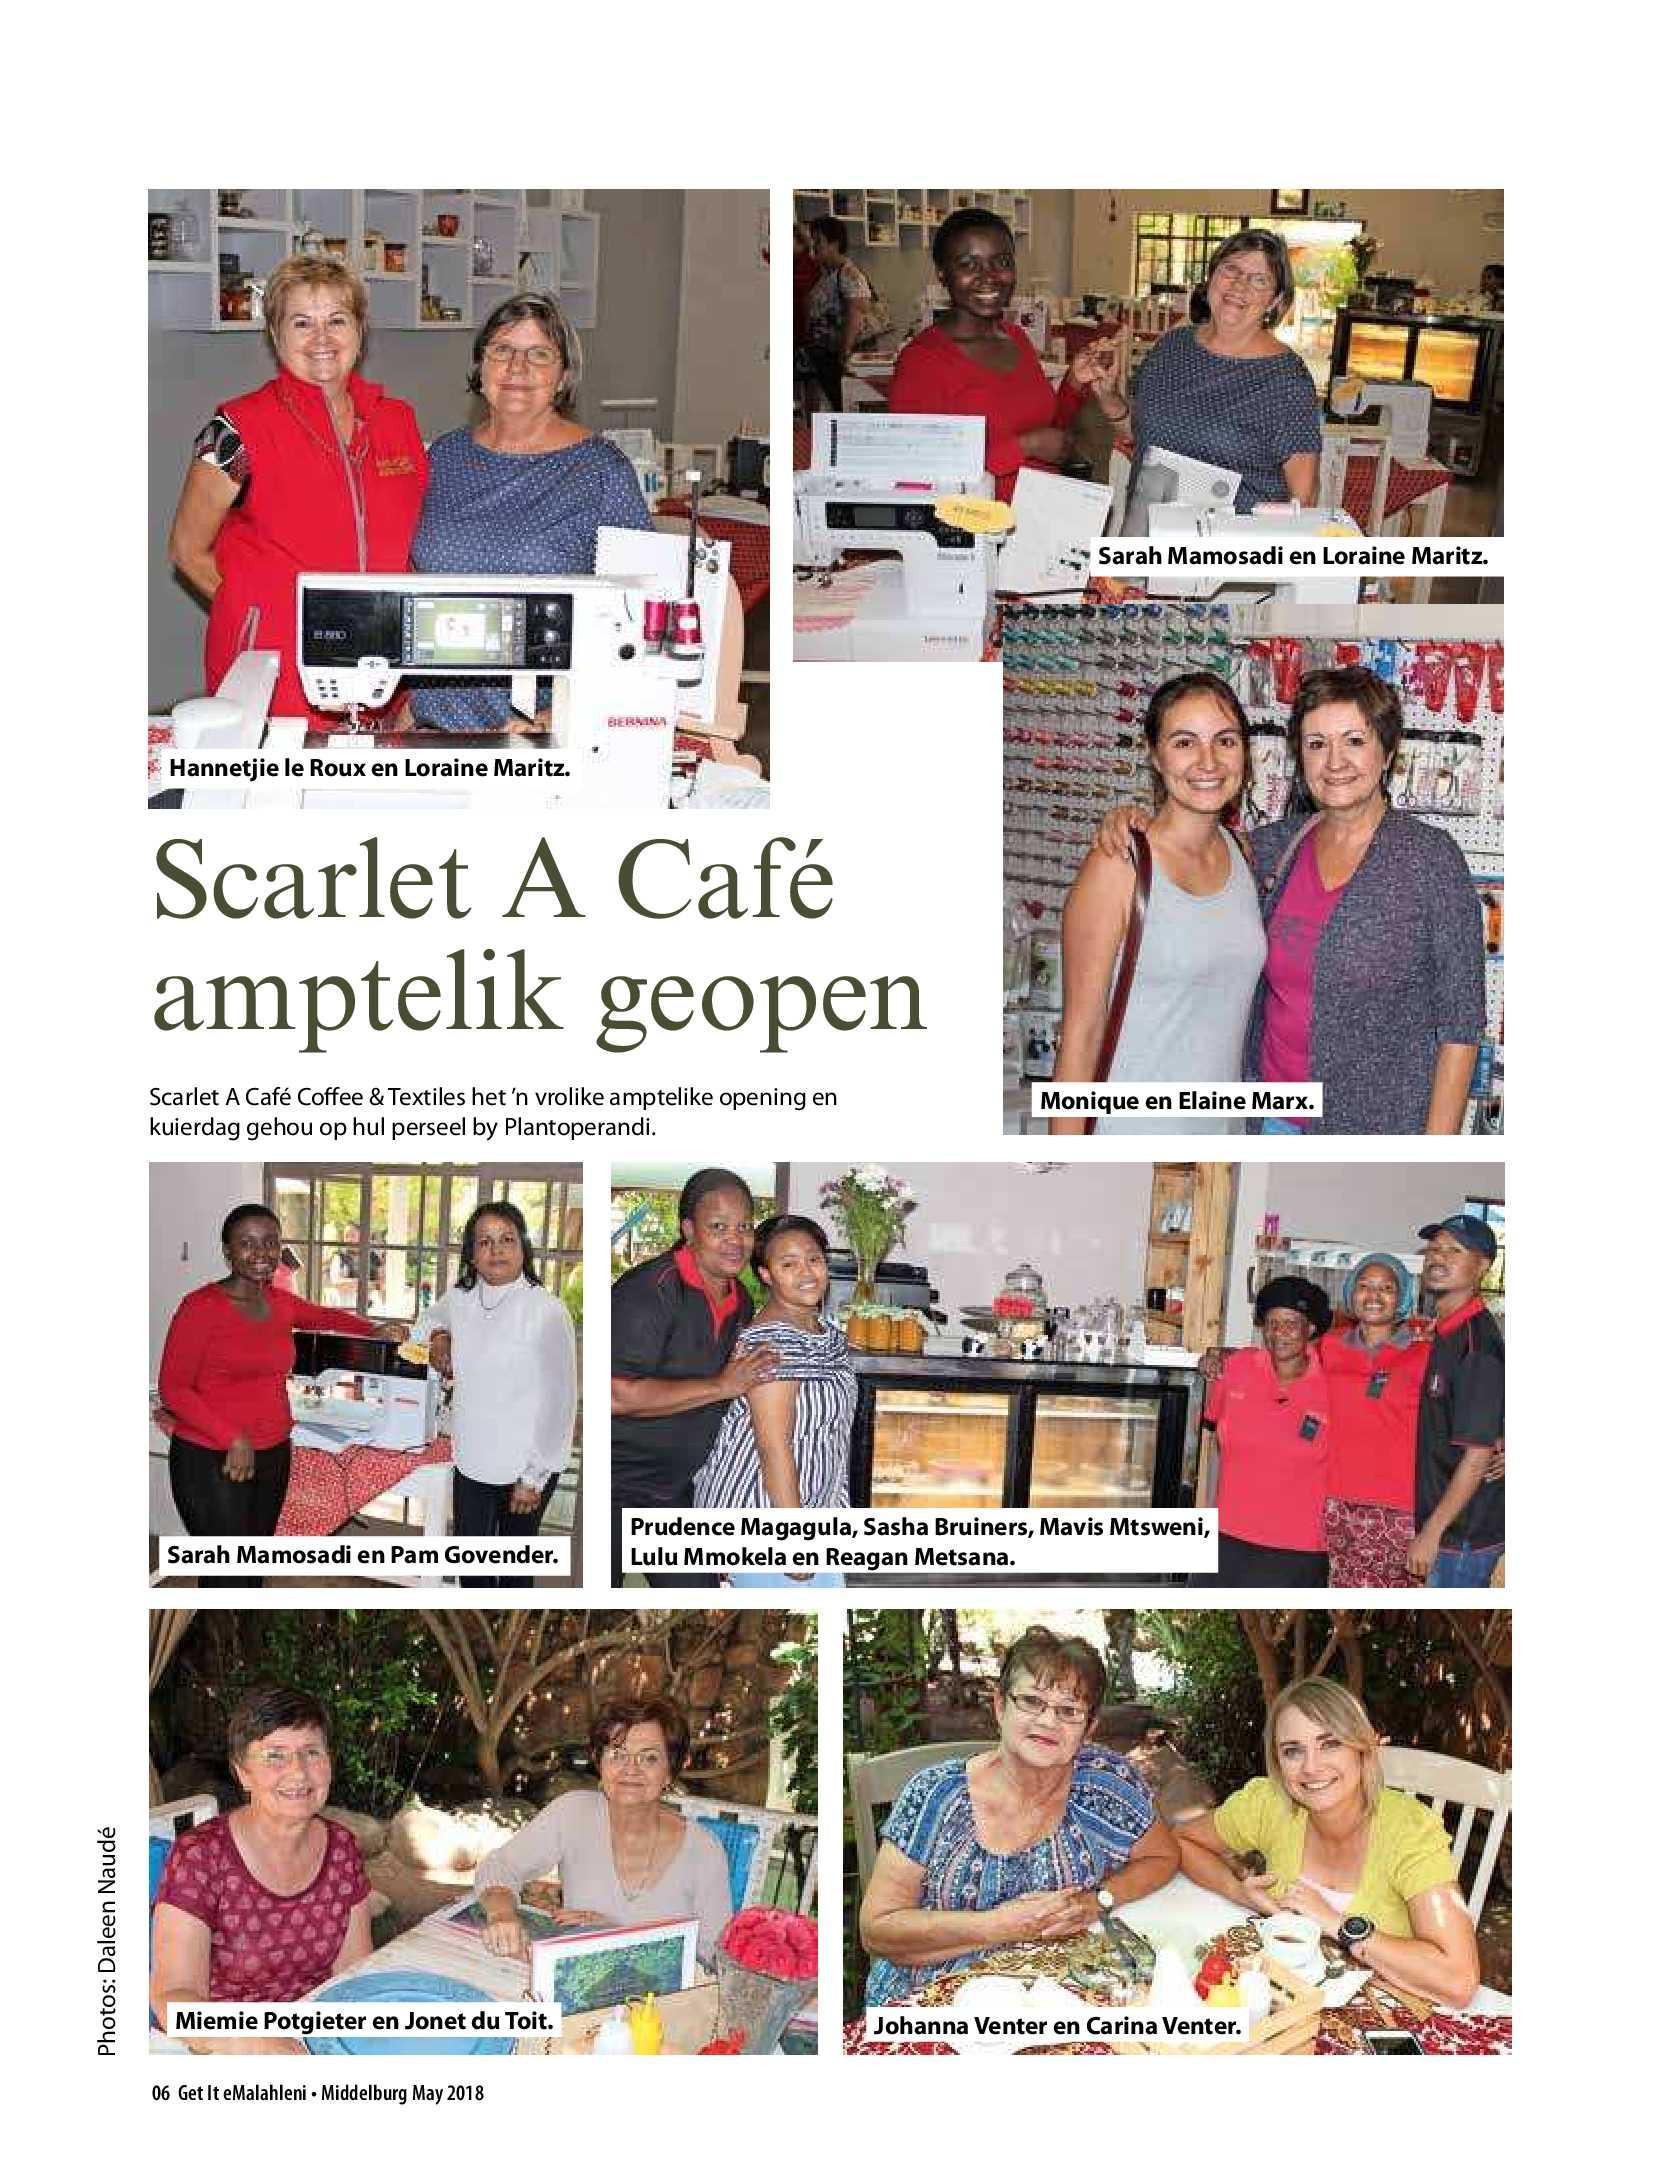 get-middelburg-may-2018-epapers-page-8